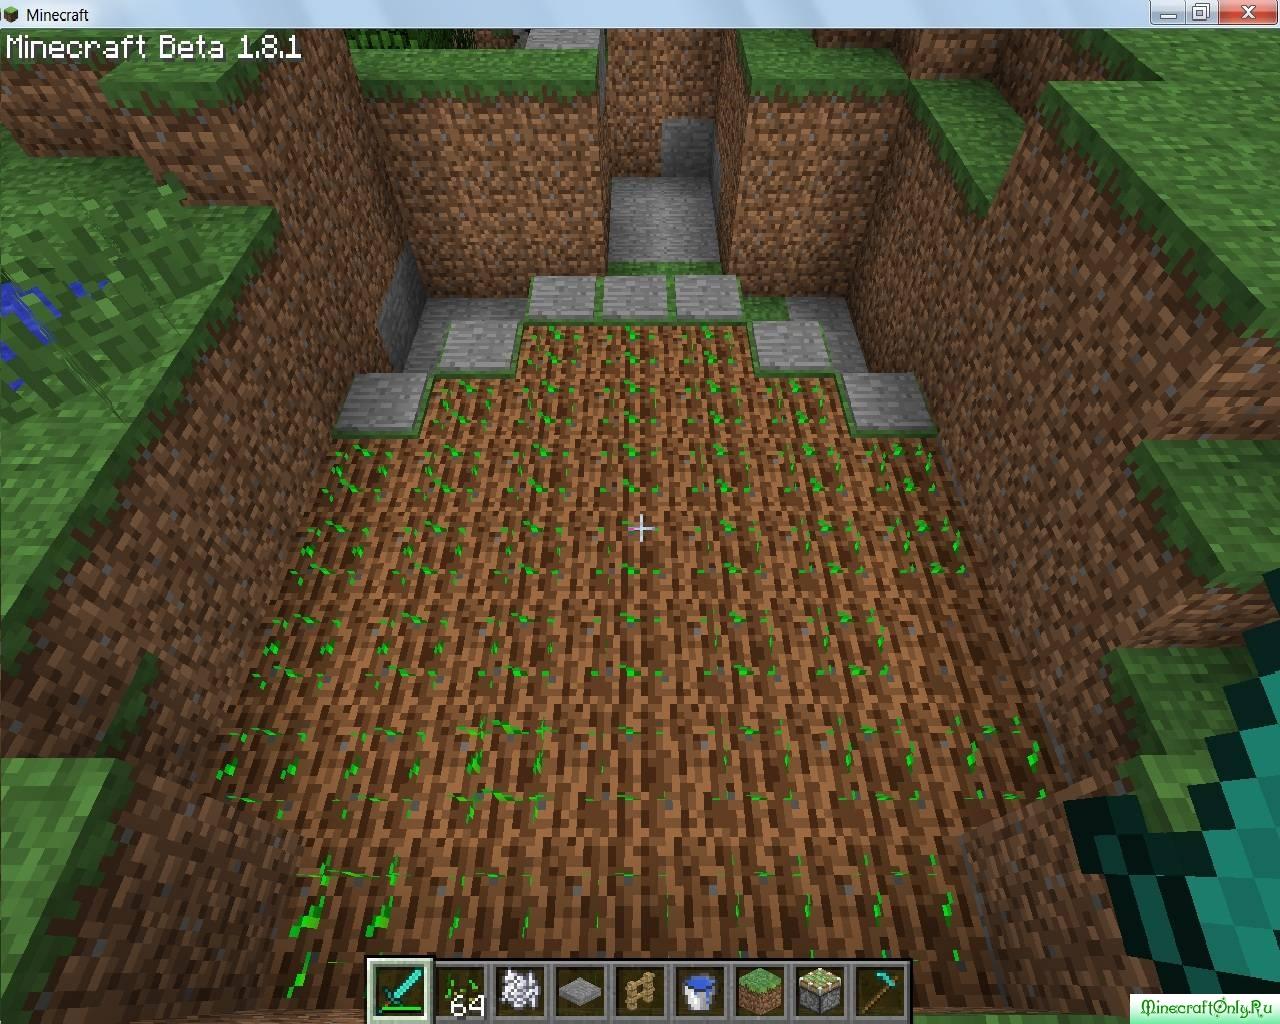 как в майнкрафте вырастить пшеницу #5